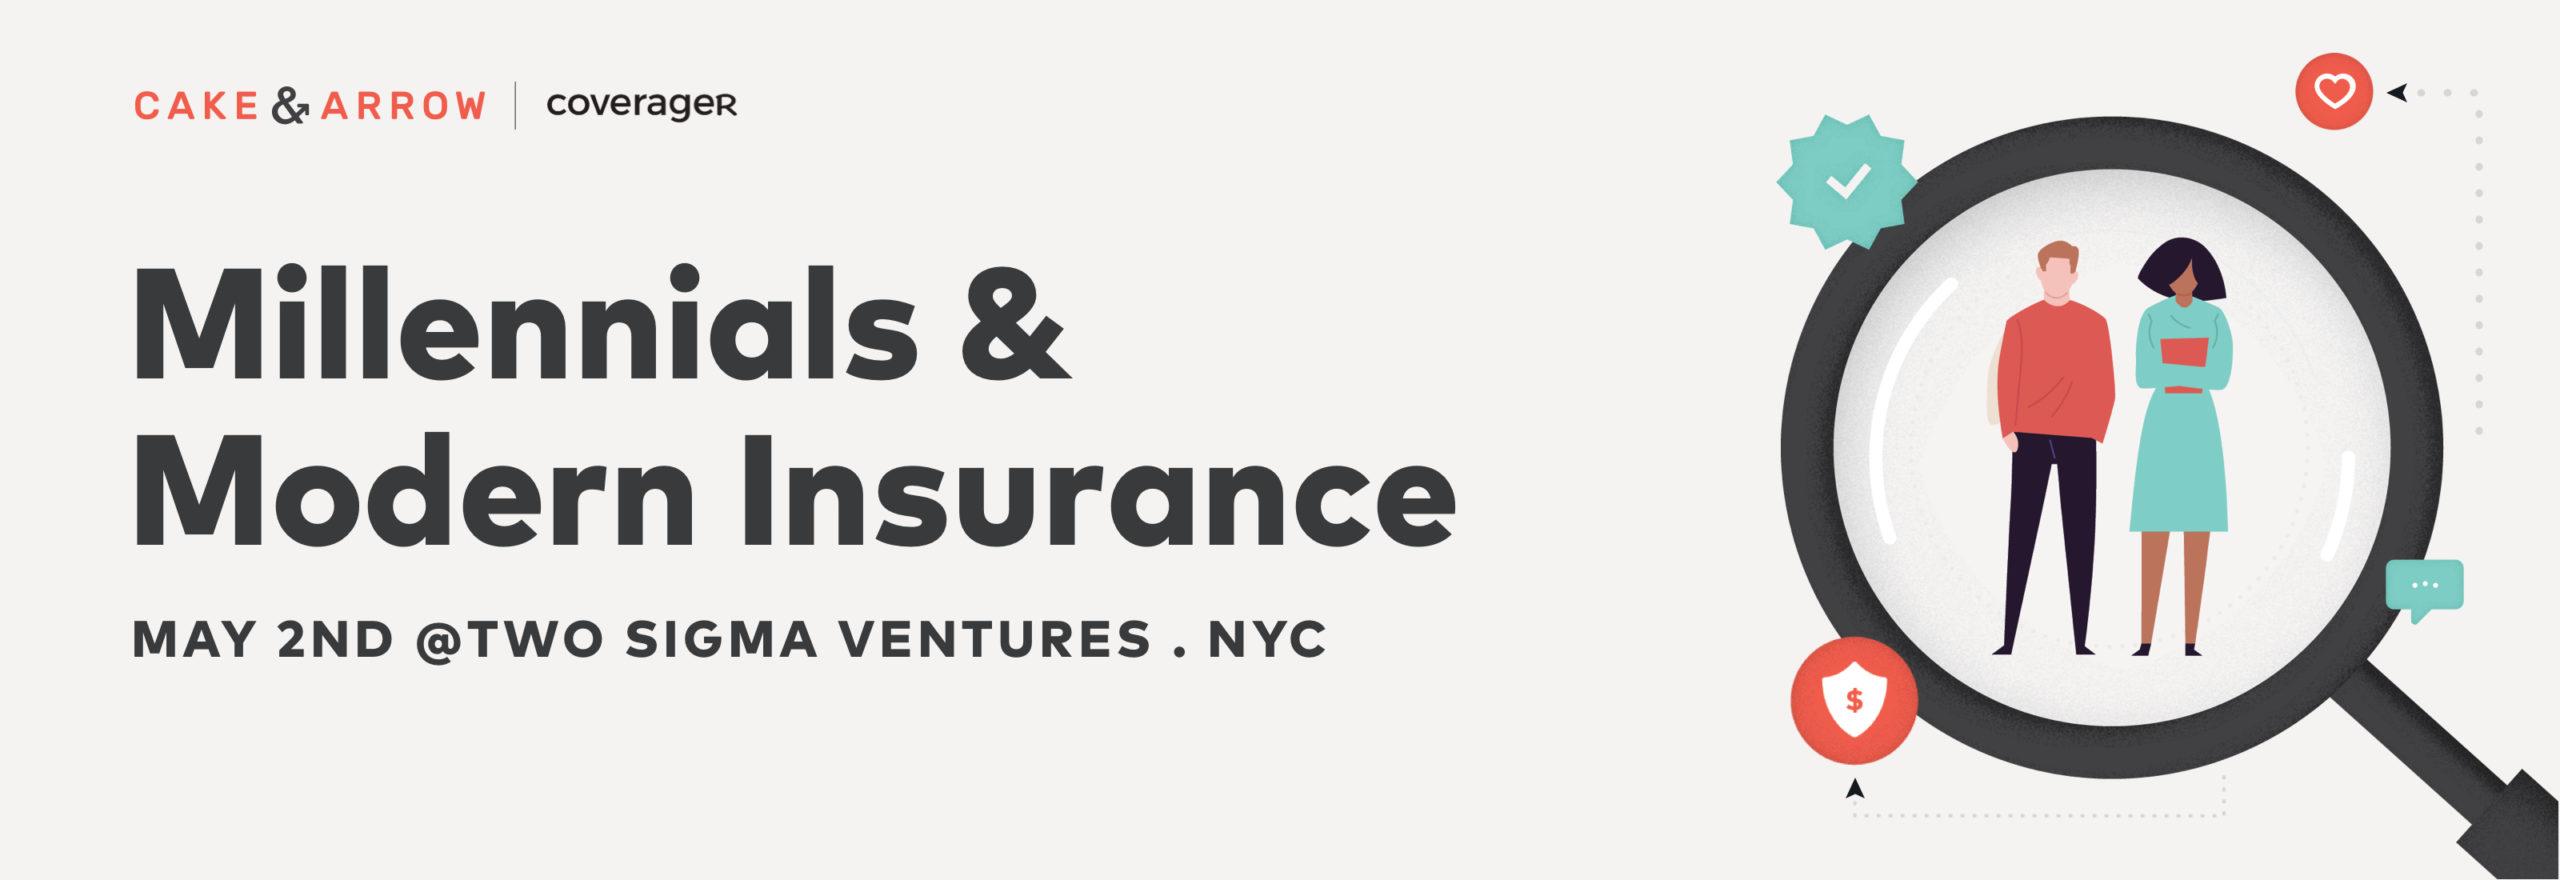 Image of Millennials & Modern Insurance event